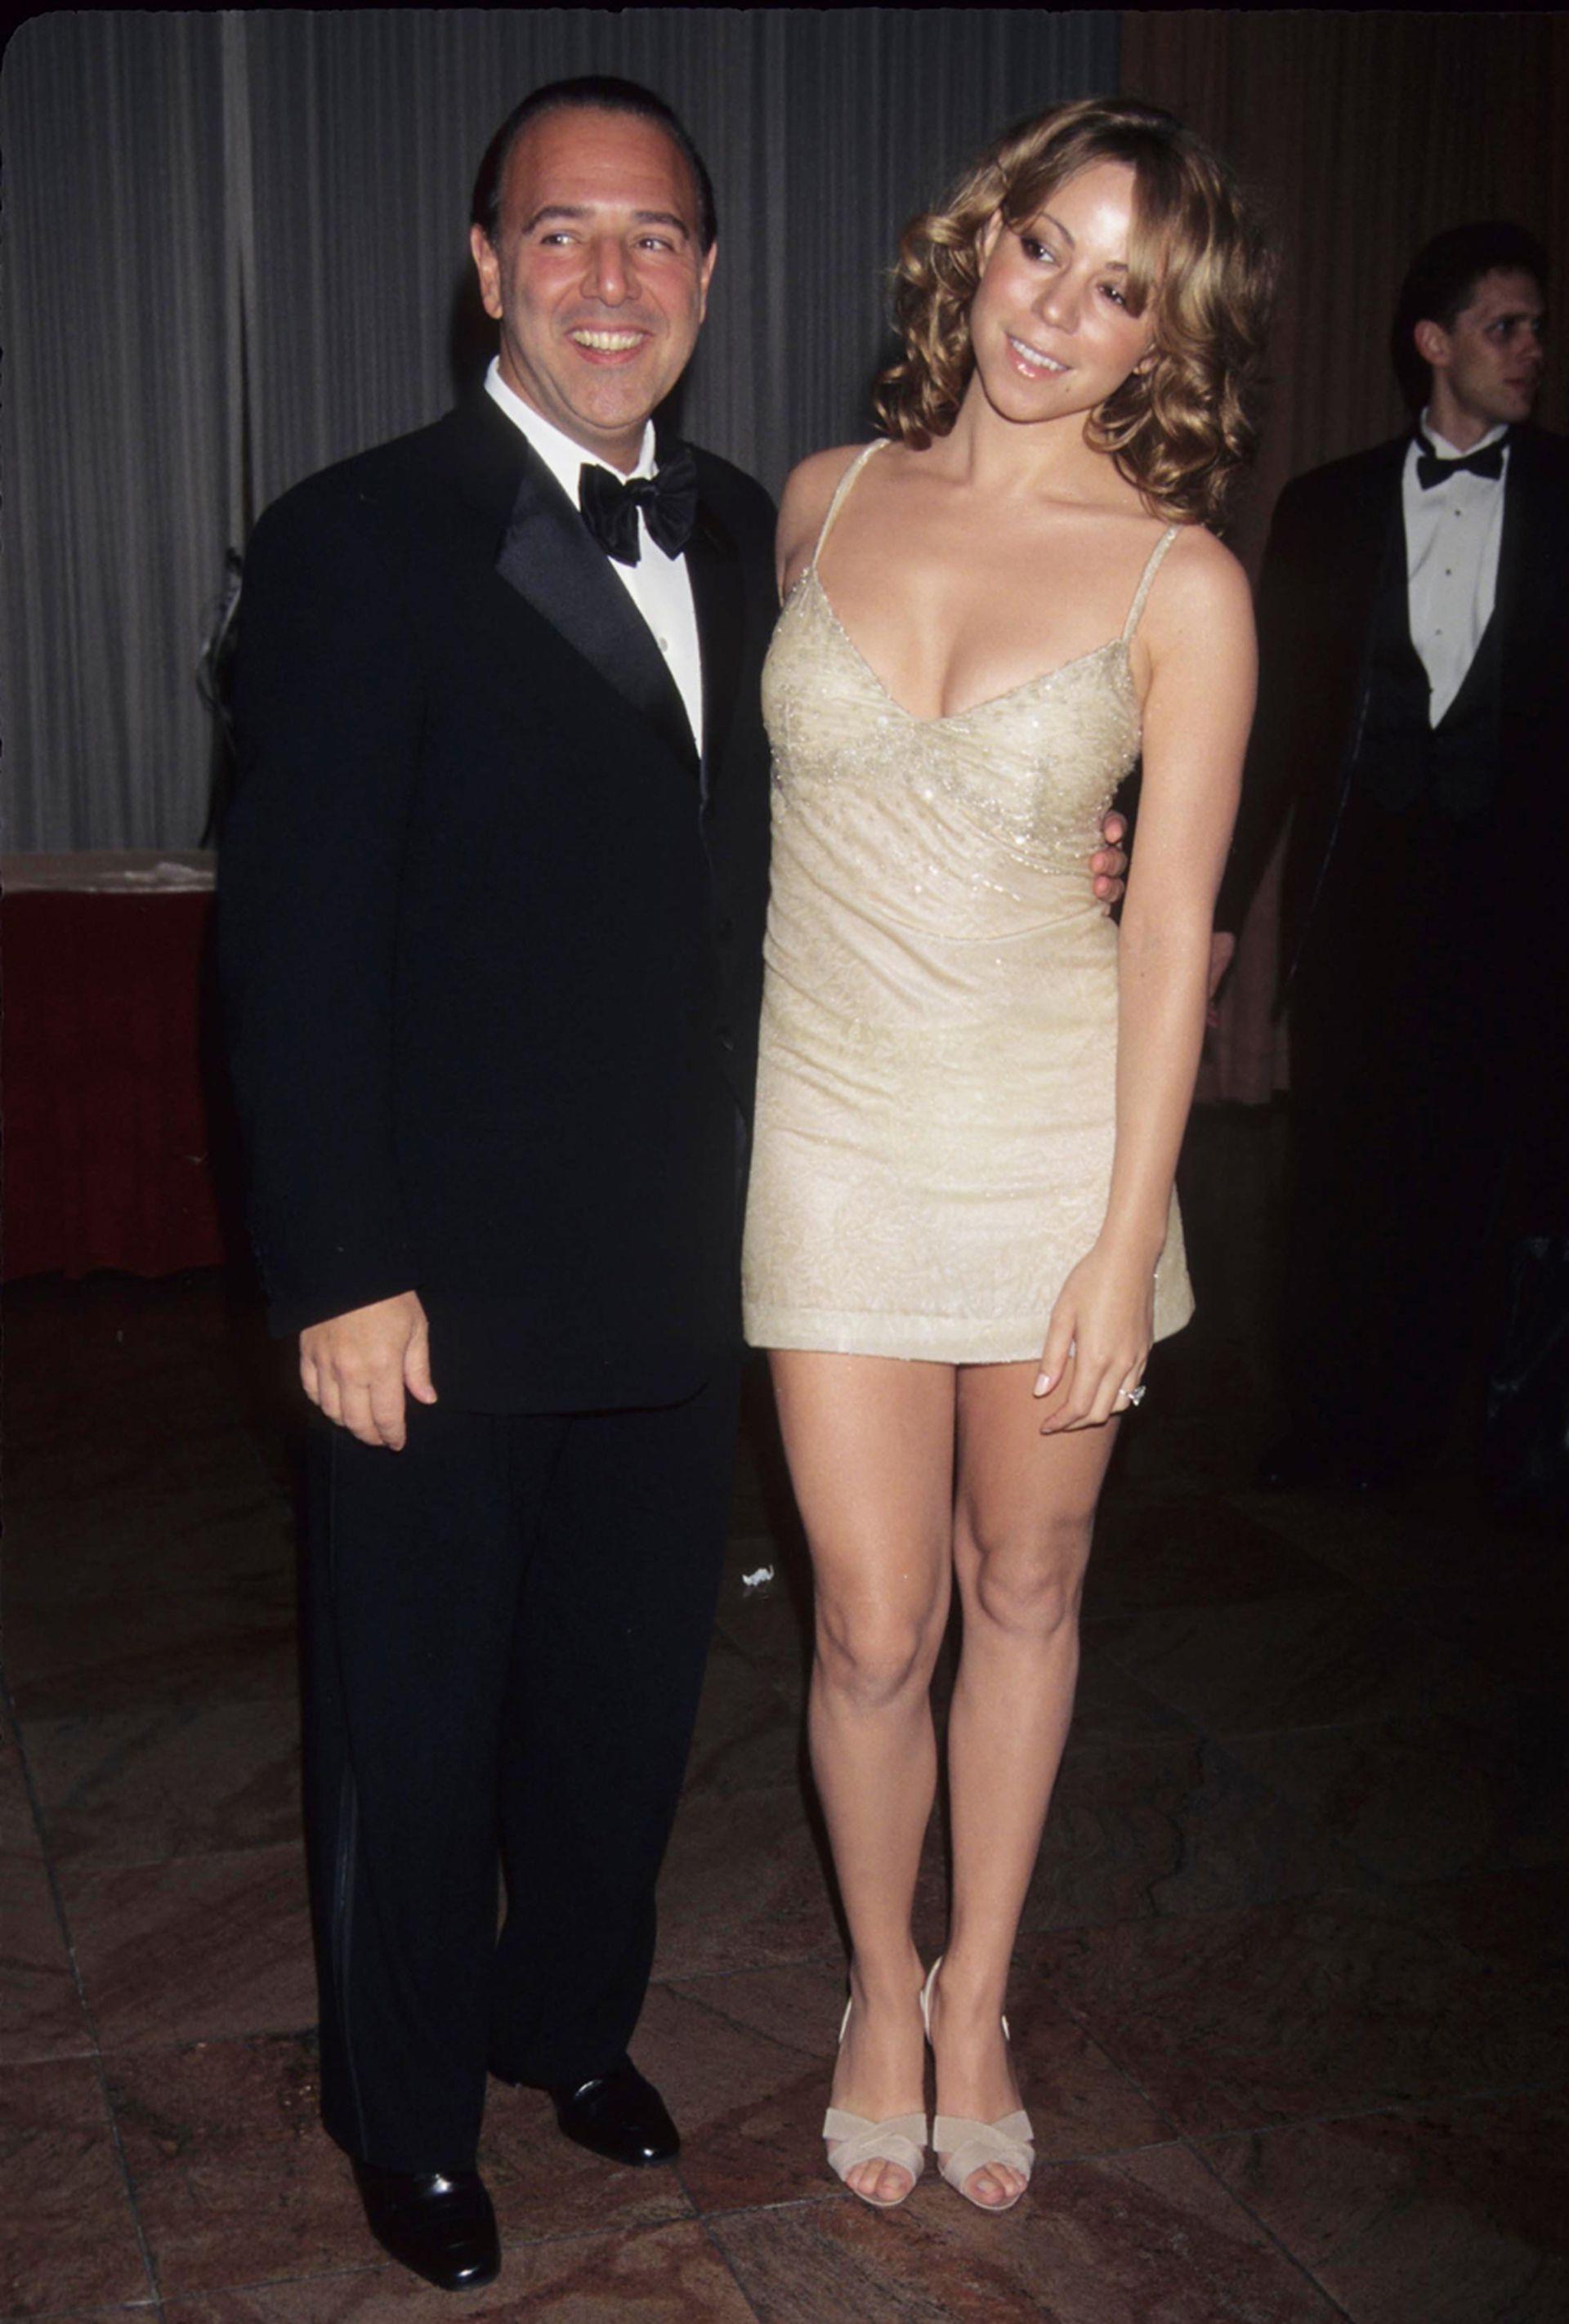 Mariah Carey conoció a Tommy Mottola en una fiesta, en 1988, y rápidamente se convirtió en su protegida y en su novia